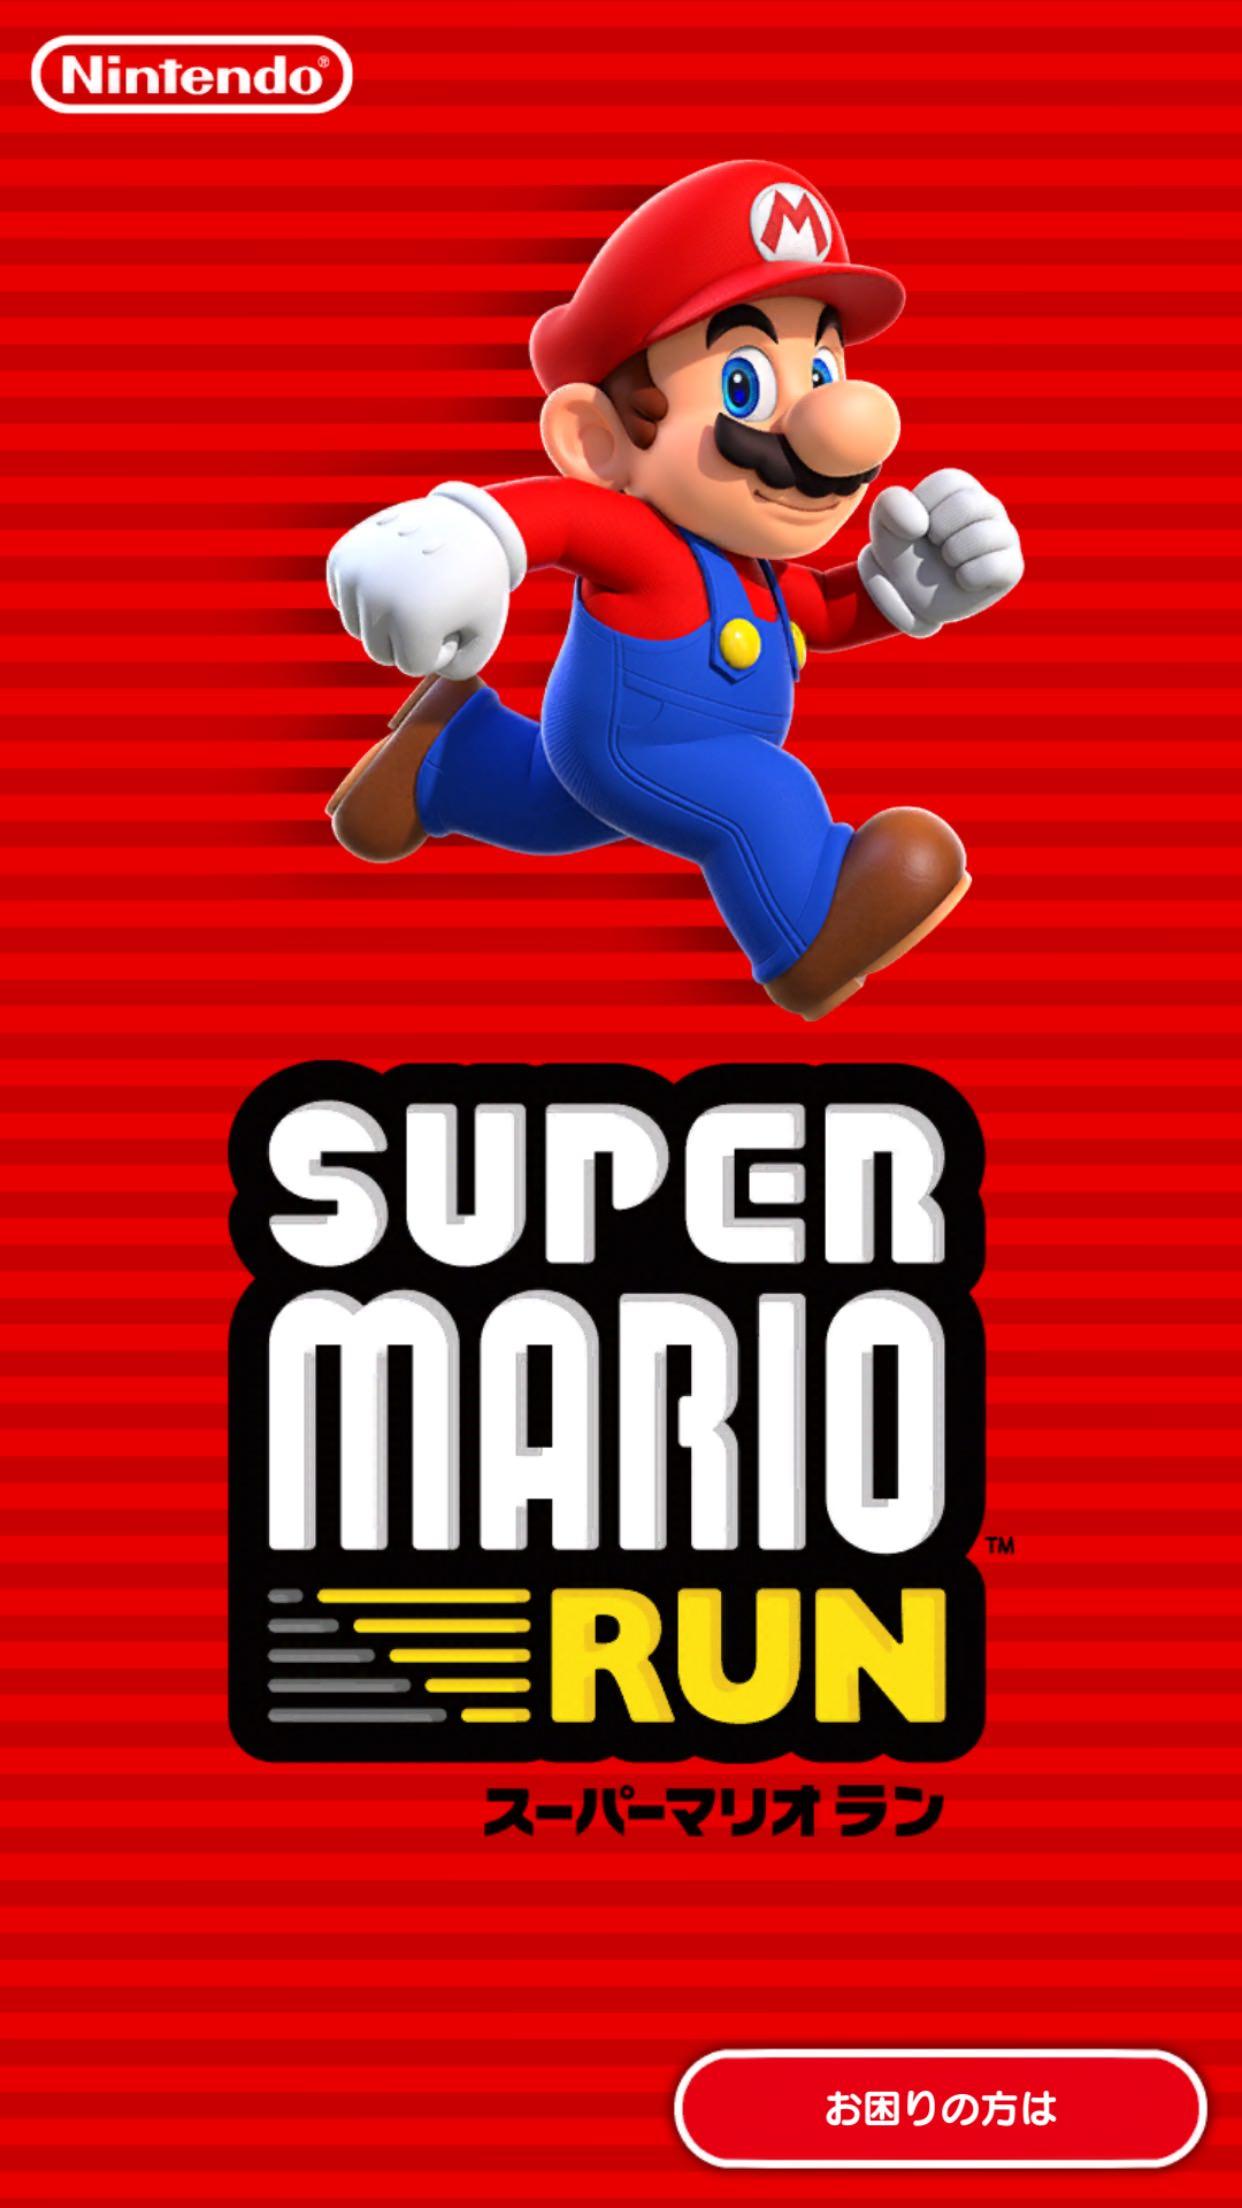 任天堂のスマホゲーム「SUPER MARIO RUN(スーパーマリオラン)」配信開始